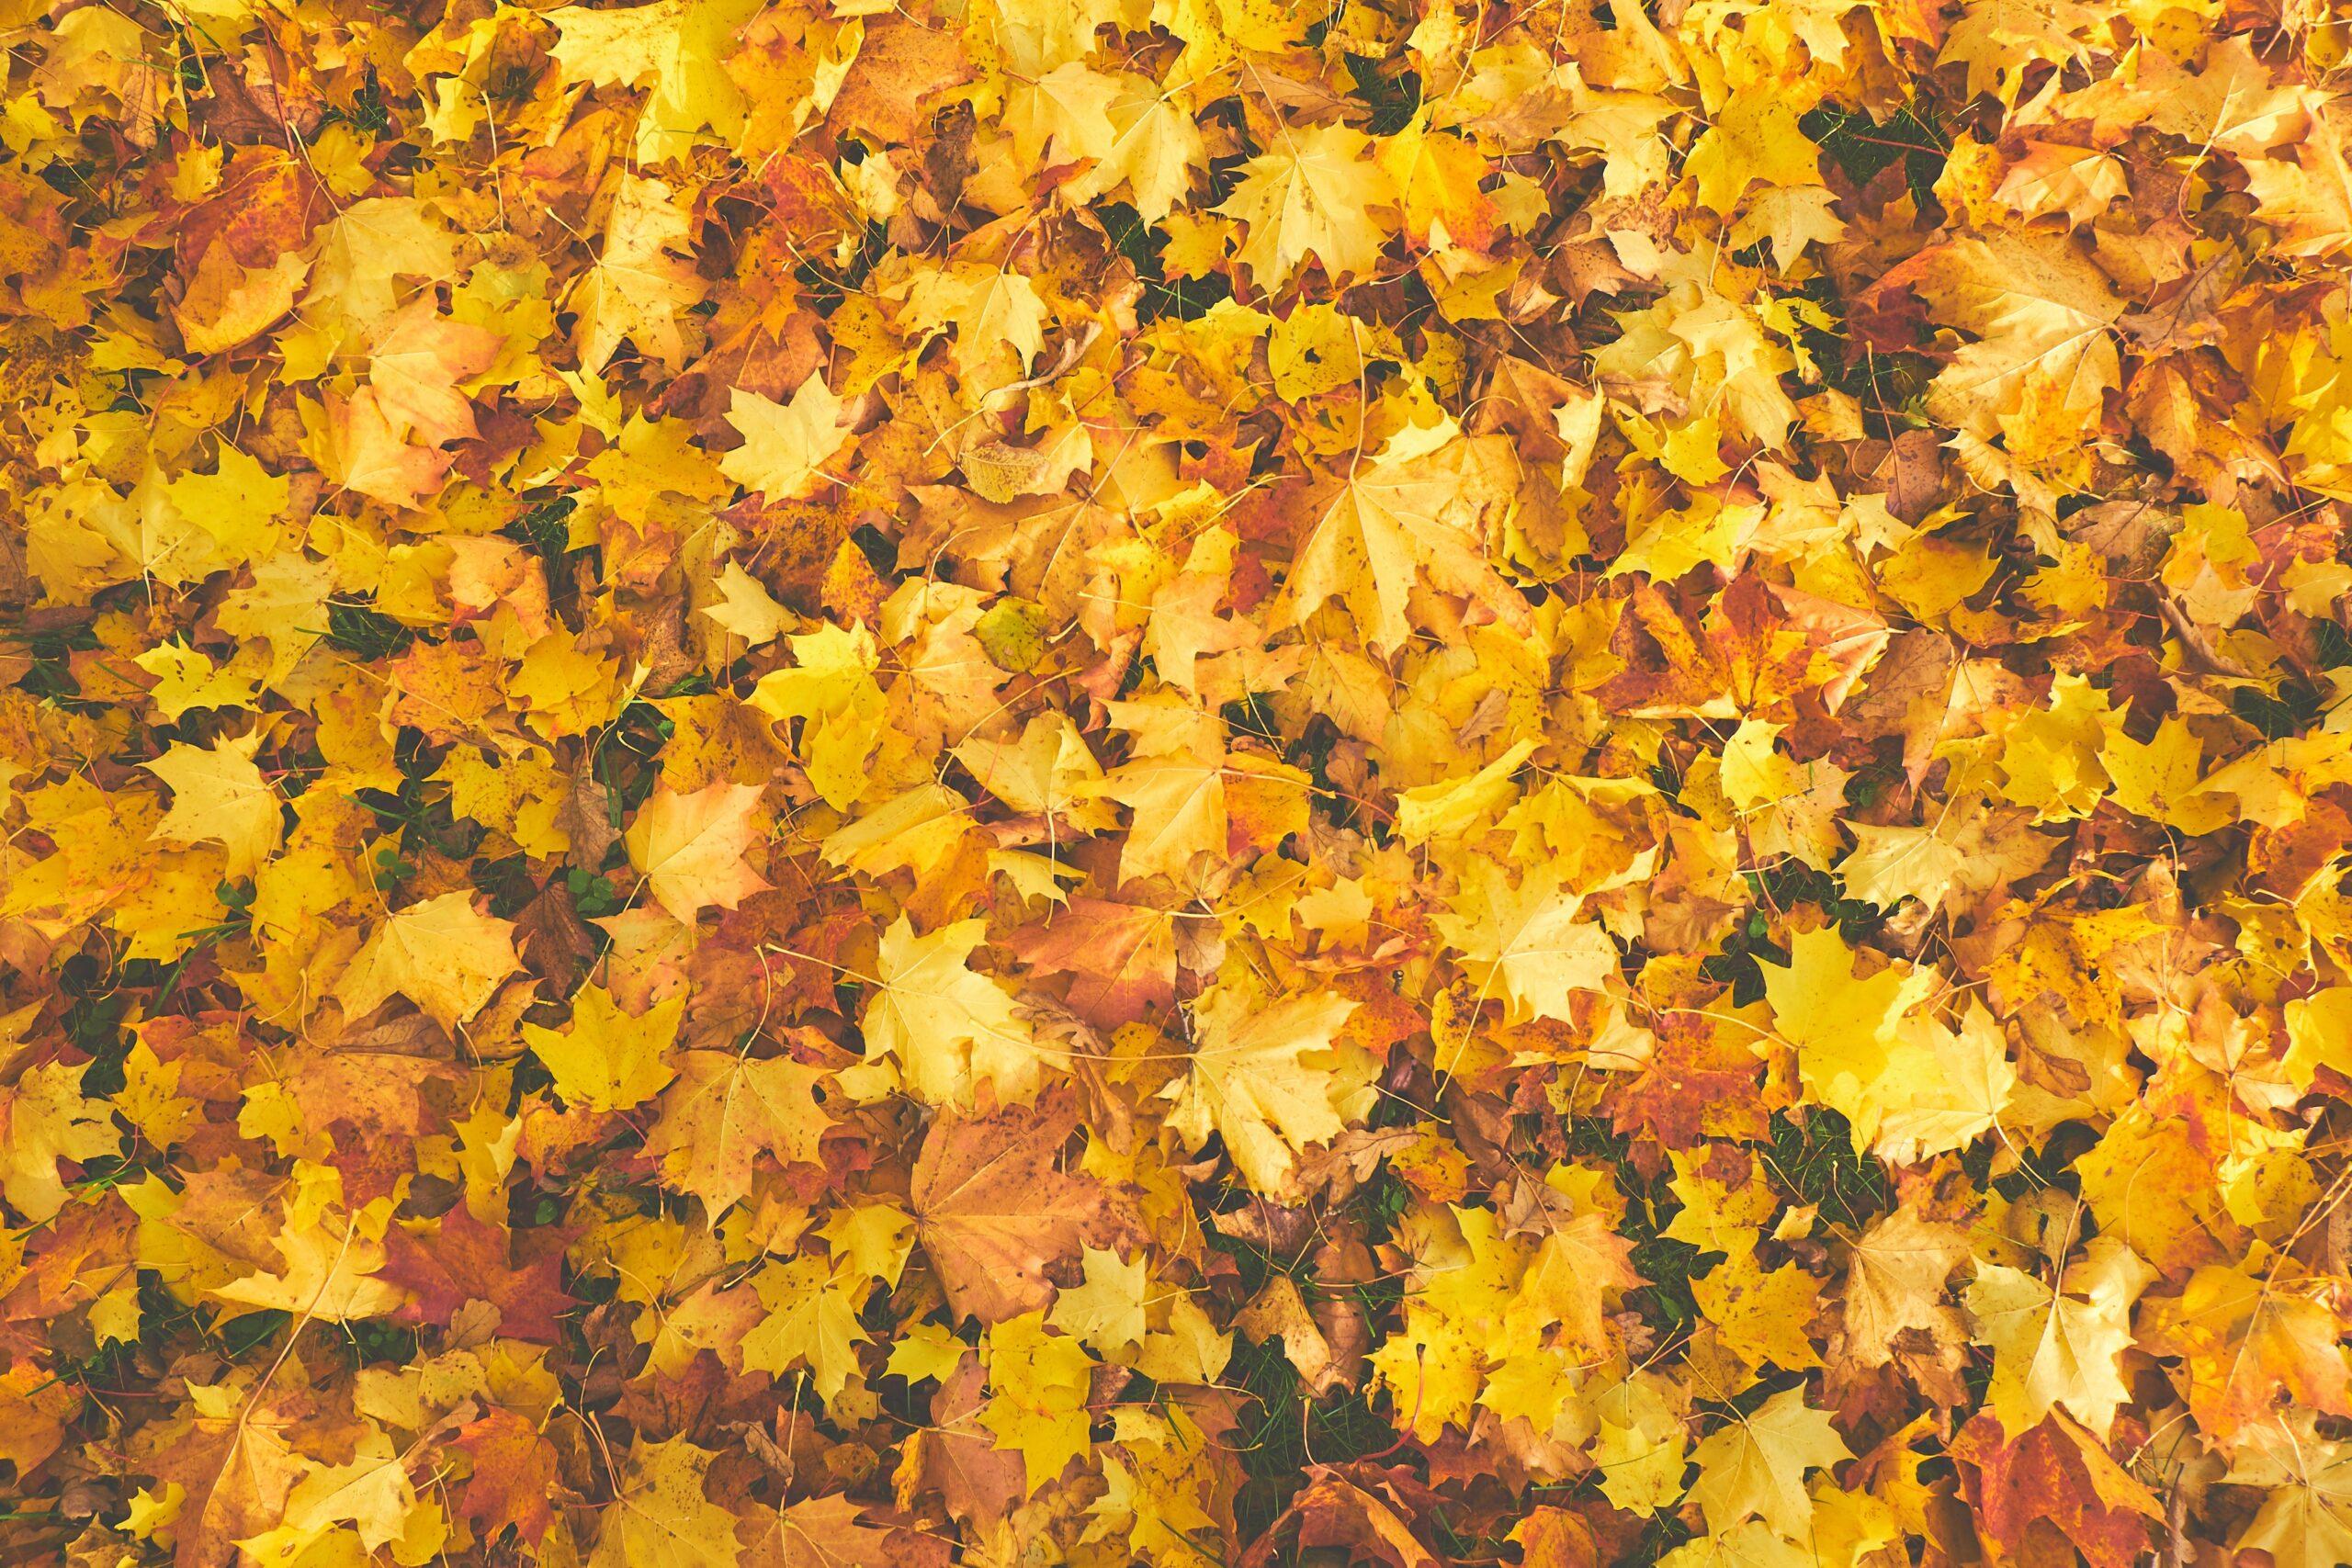 In groene doen is lekker lui en laat de bladeren gewoon liggen